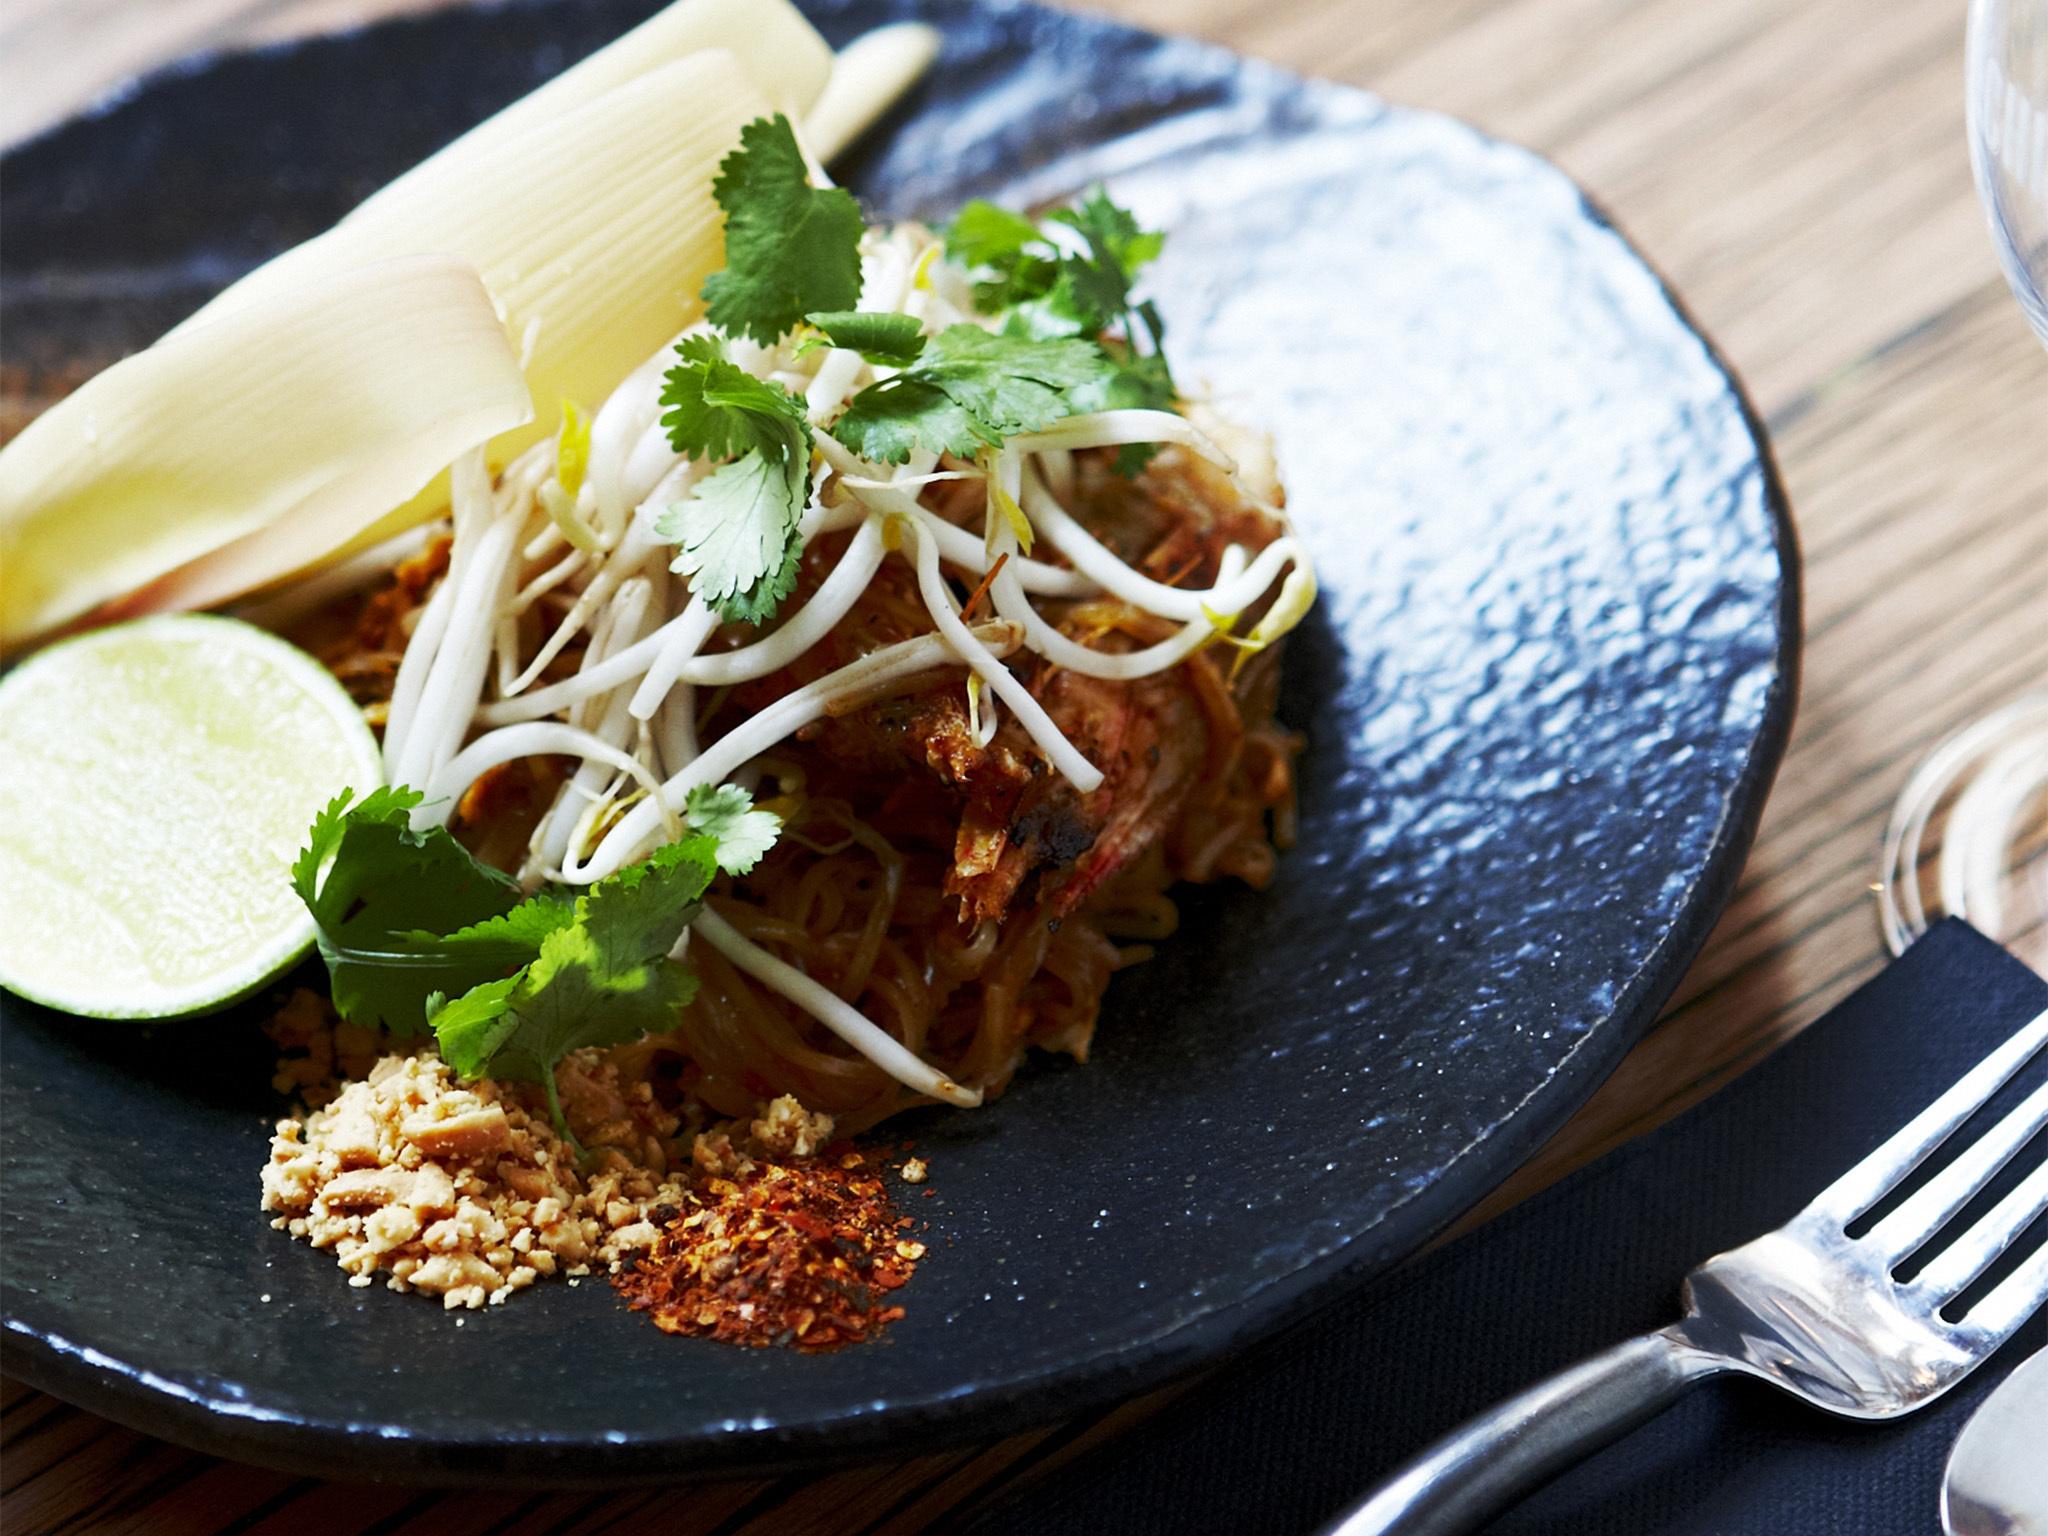 A close up shot of a dish of Pad Thai at Chin Chin